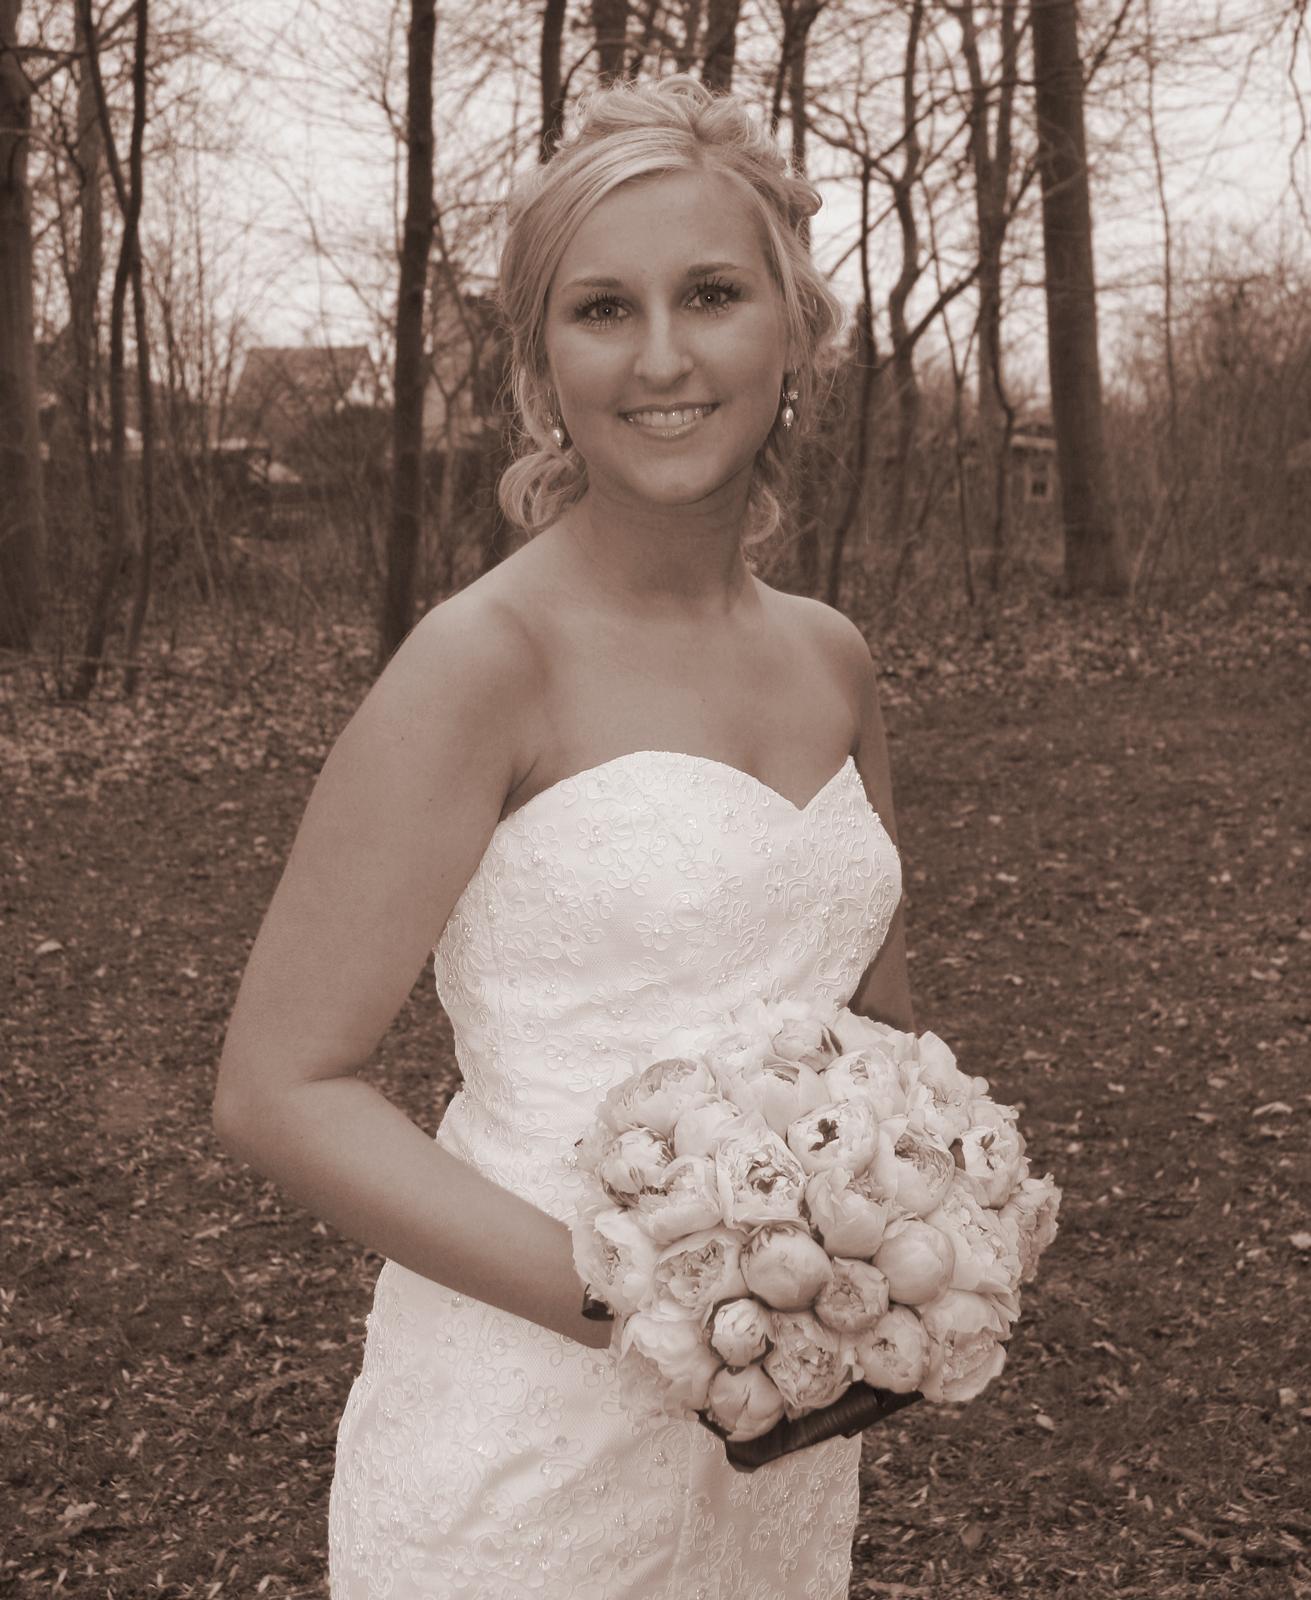 Kezia i smuk brudekjole eventyr